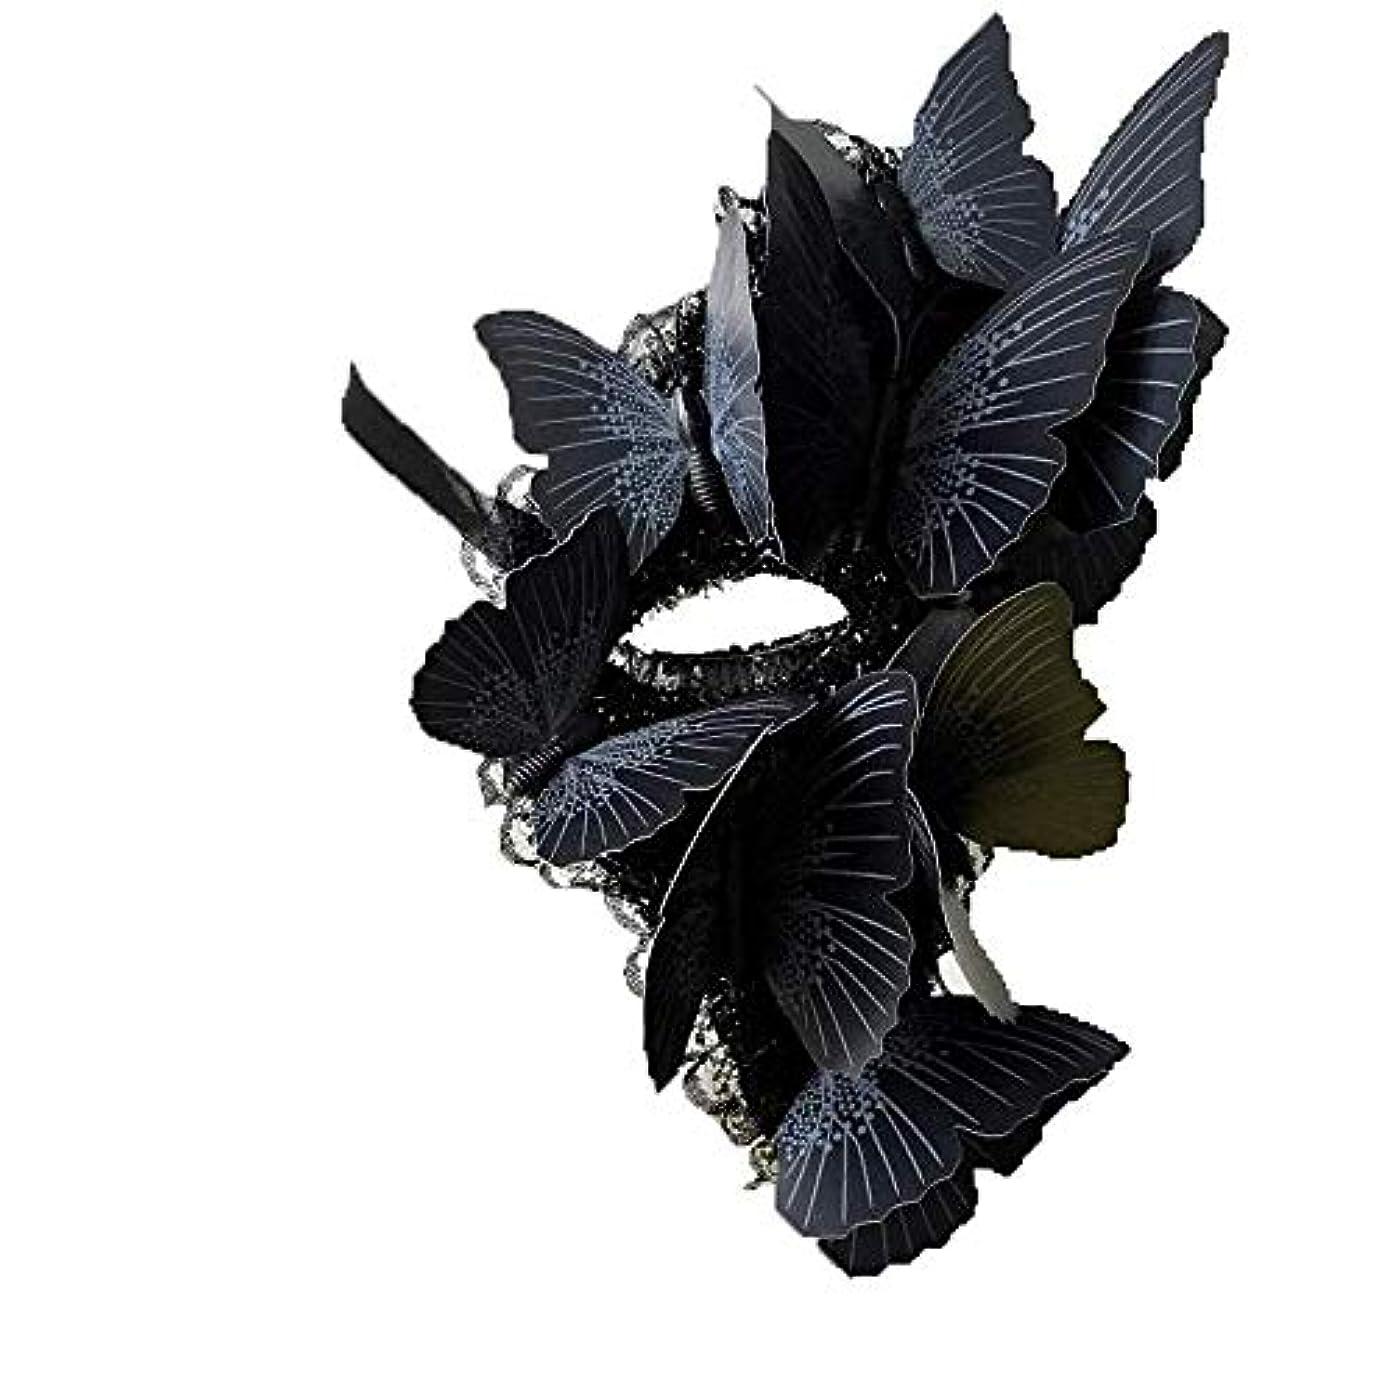 十規定なめらかなNanle ハロウィーンの蝶単眼マスク仮装マスクレディミスプリンセス美しさの祭パーティ装飾 (色 : Style B, サイズ さいず : Right eye)